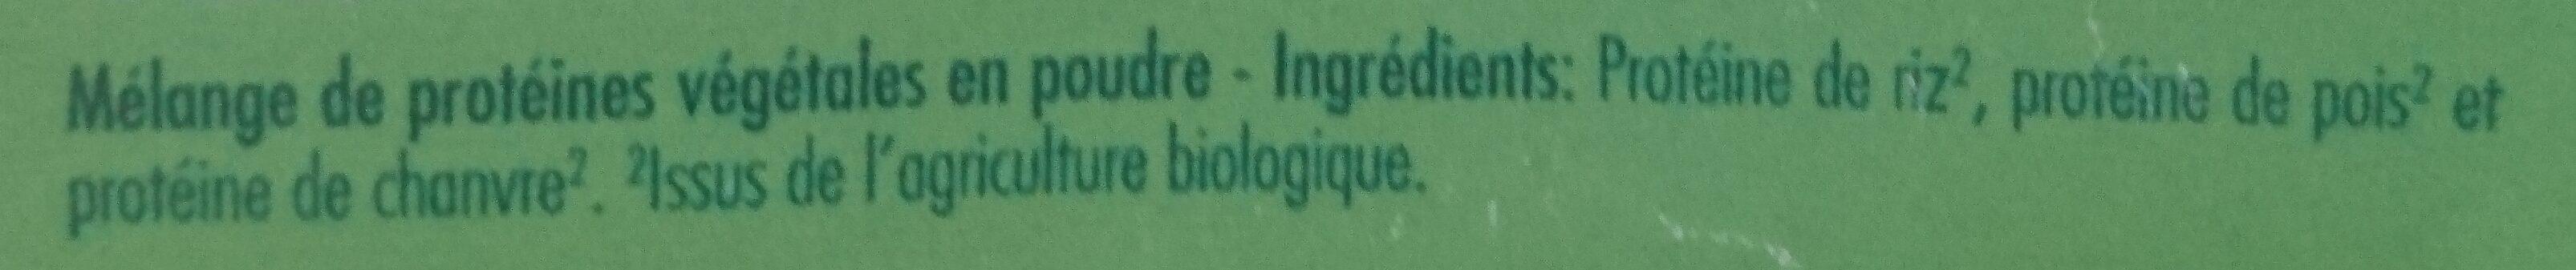 Super Vegan Protéines - Ingredienti - fr